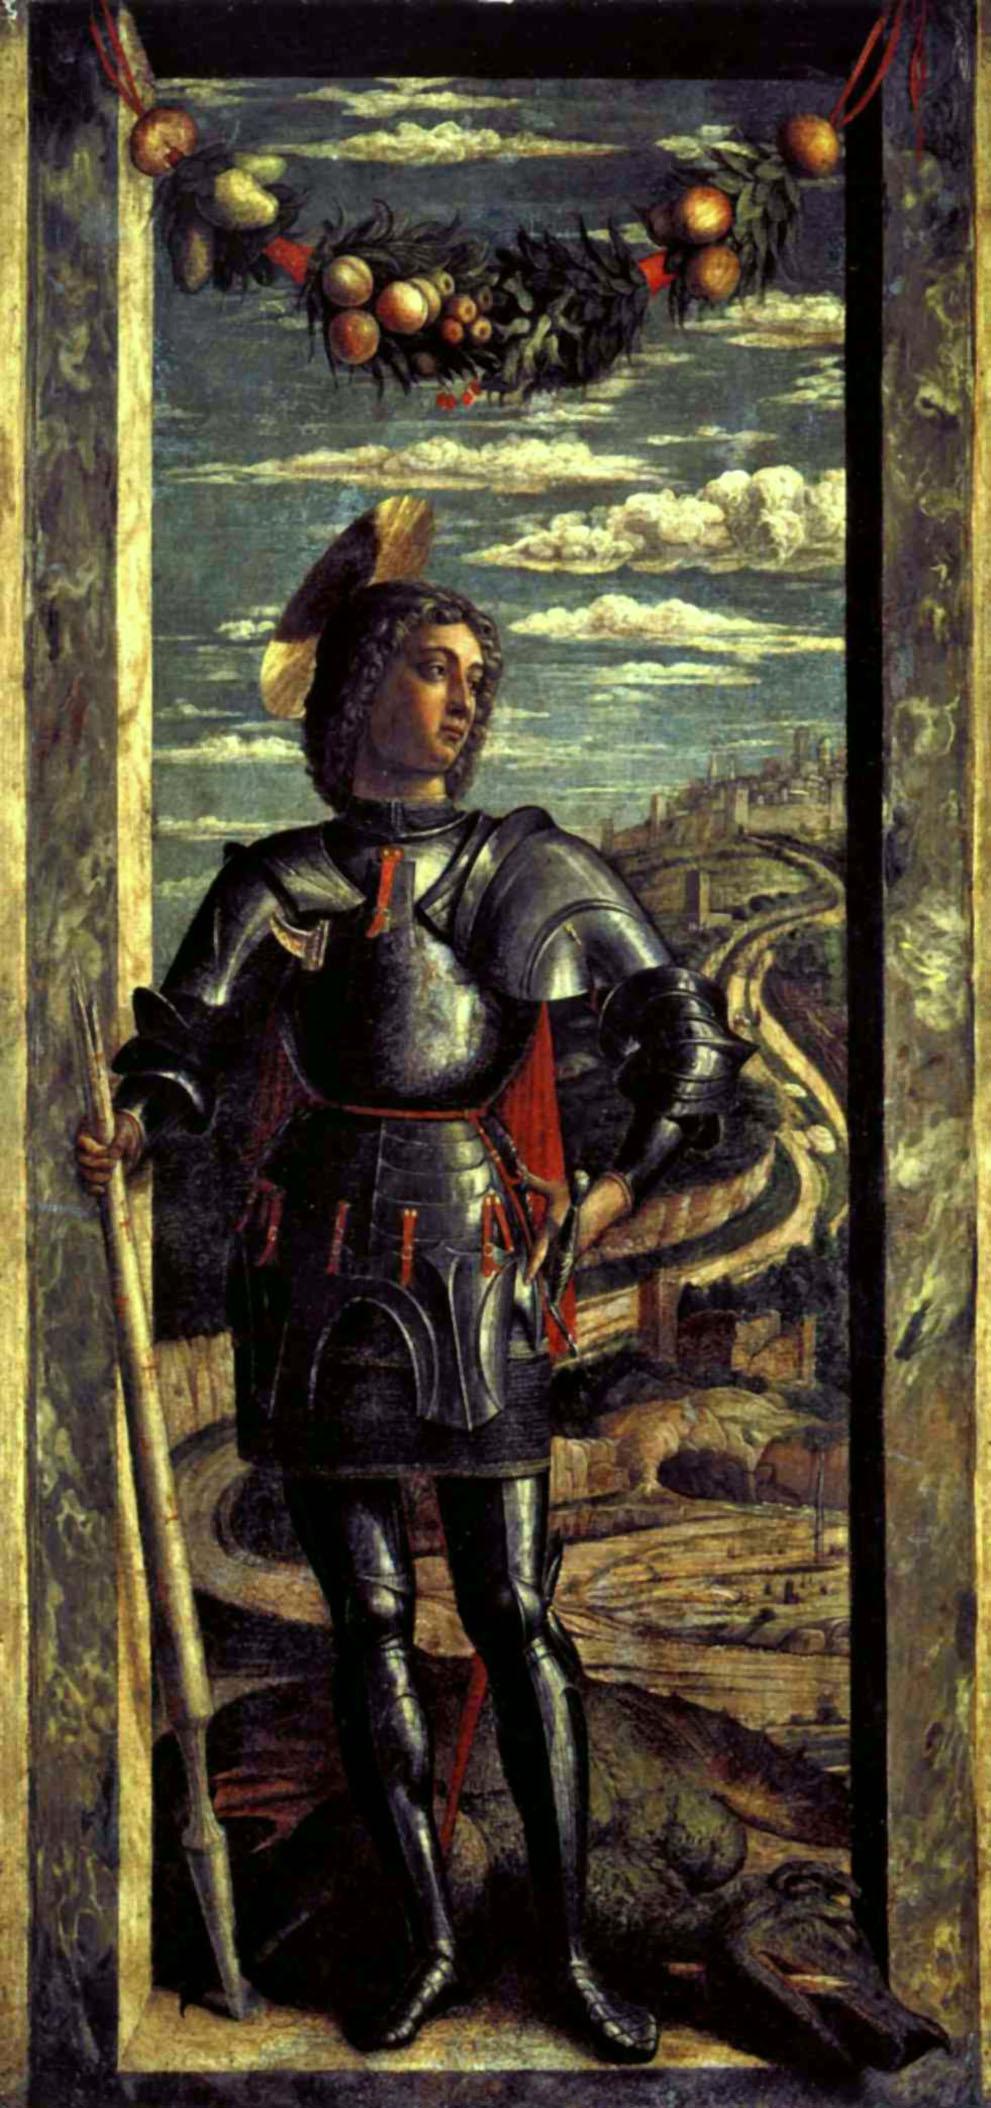 1460 MANTEGNA, Andrea St George c. 1460 Tempera on panel, 66 x 32 cm Gallerie dell'Accademia, Venice.jpg